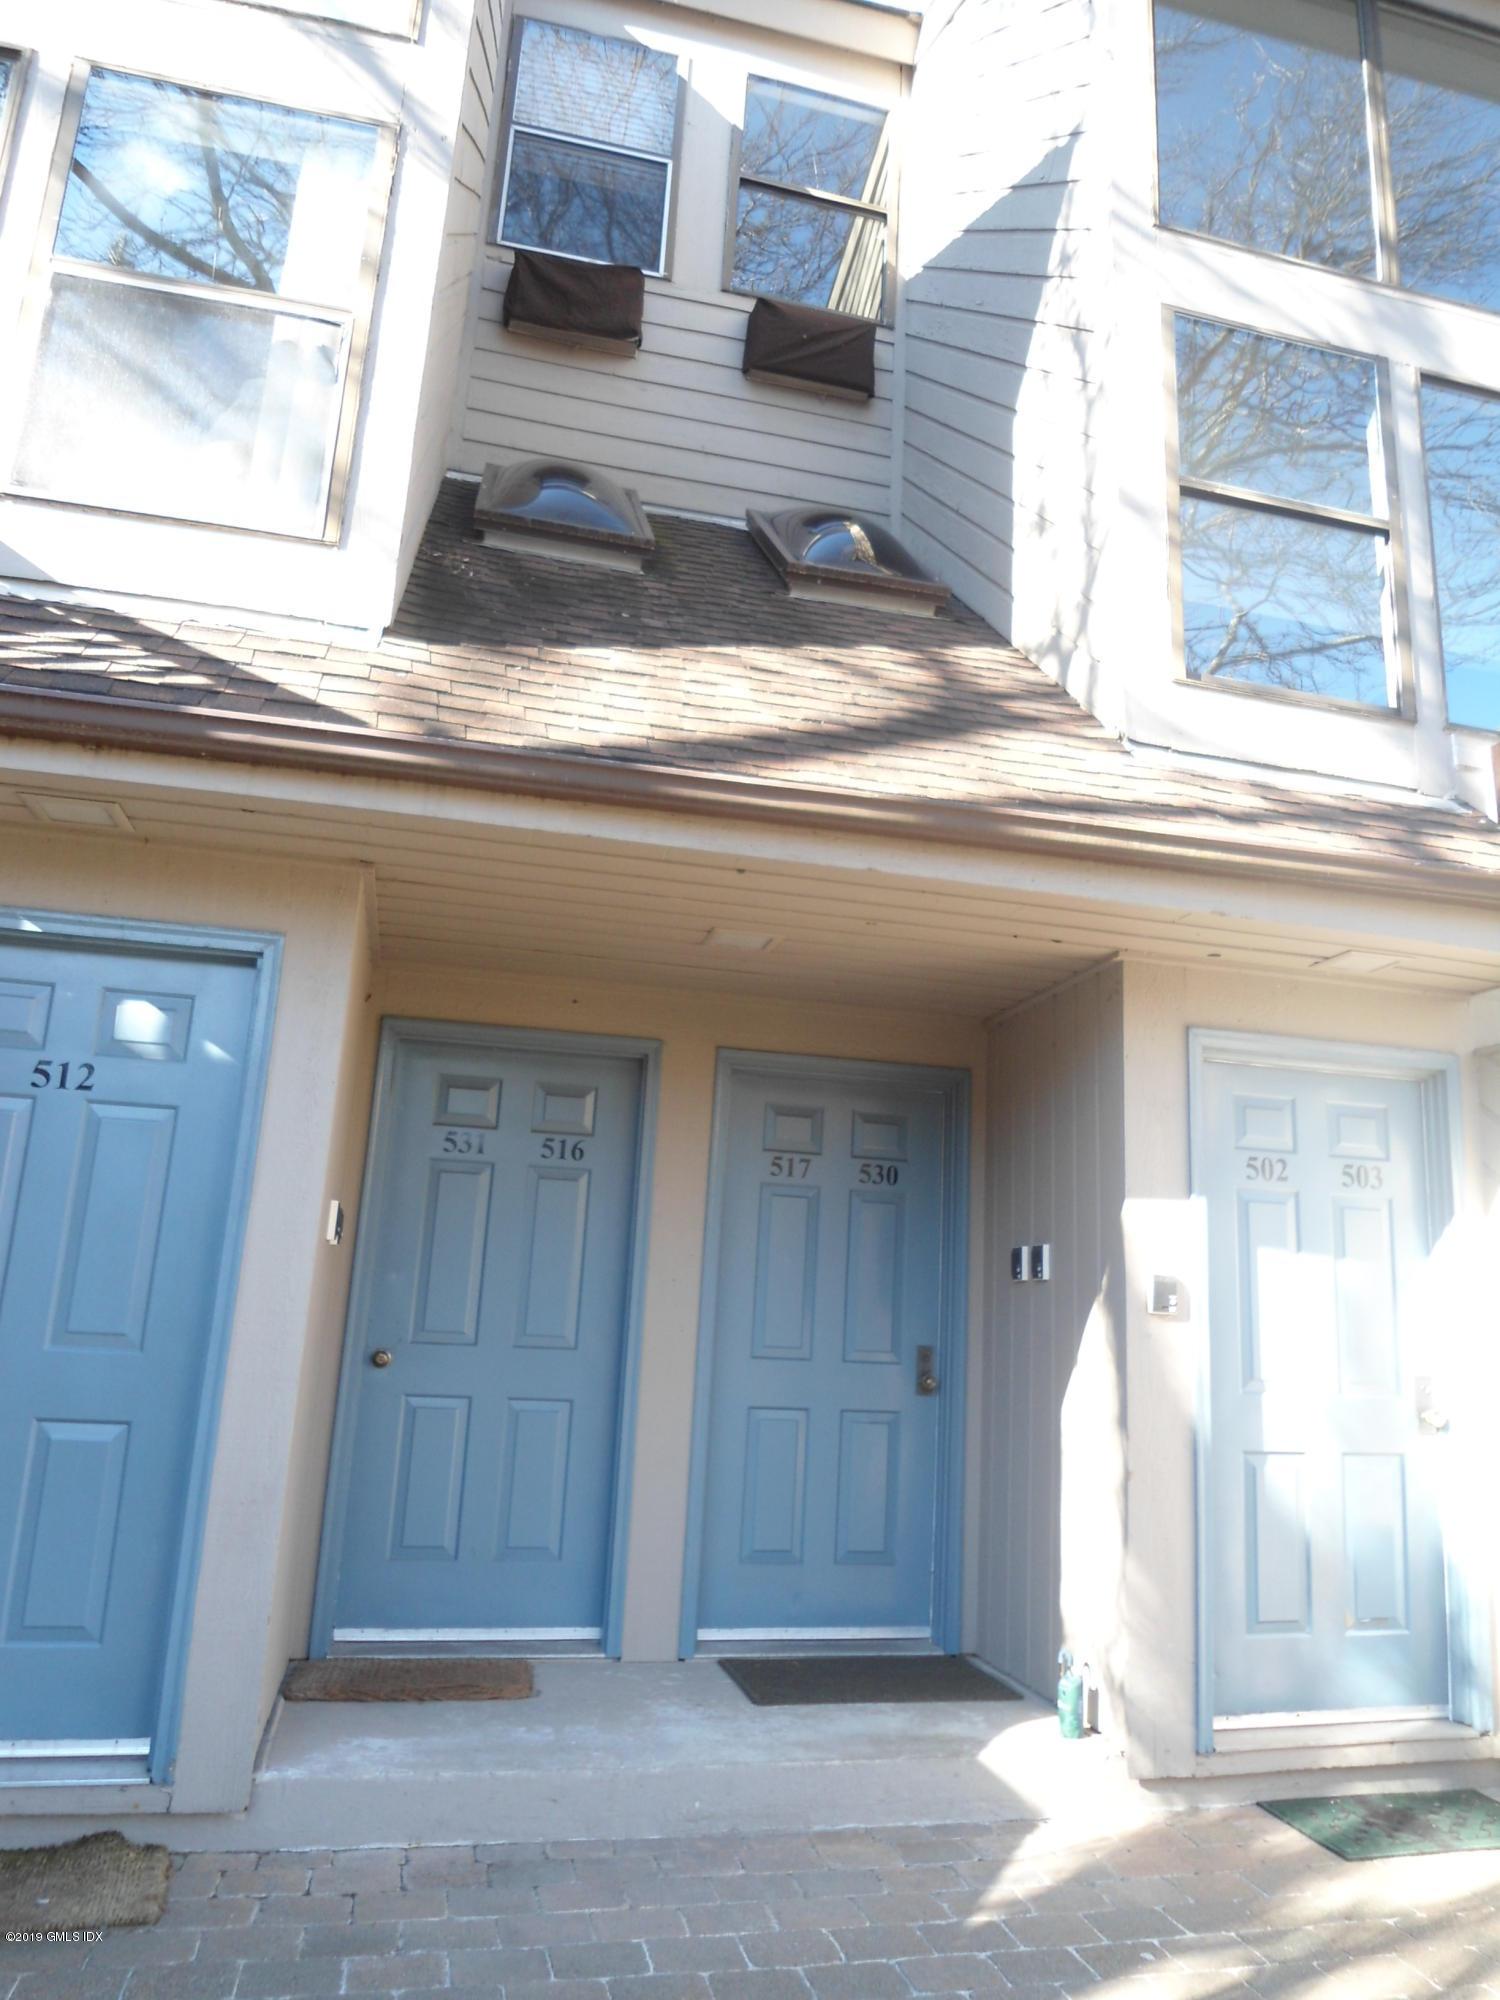 1465 Putnam Avenue,Old Greenwich,Connecticut 06870,2 Bedrooms Bedrooms,1 BathroomBathrooms,Condominium,Putnam,105215